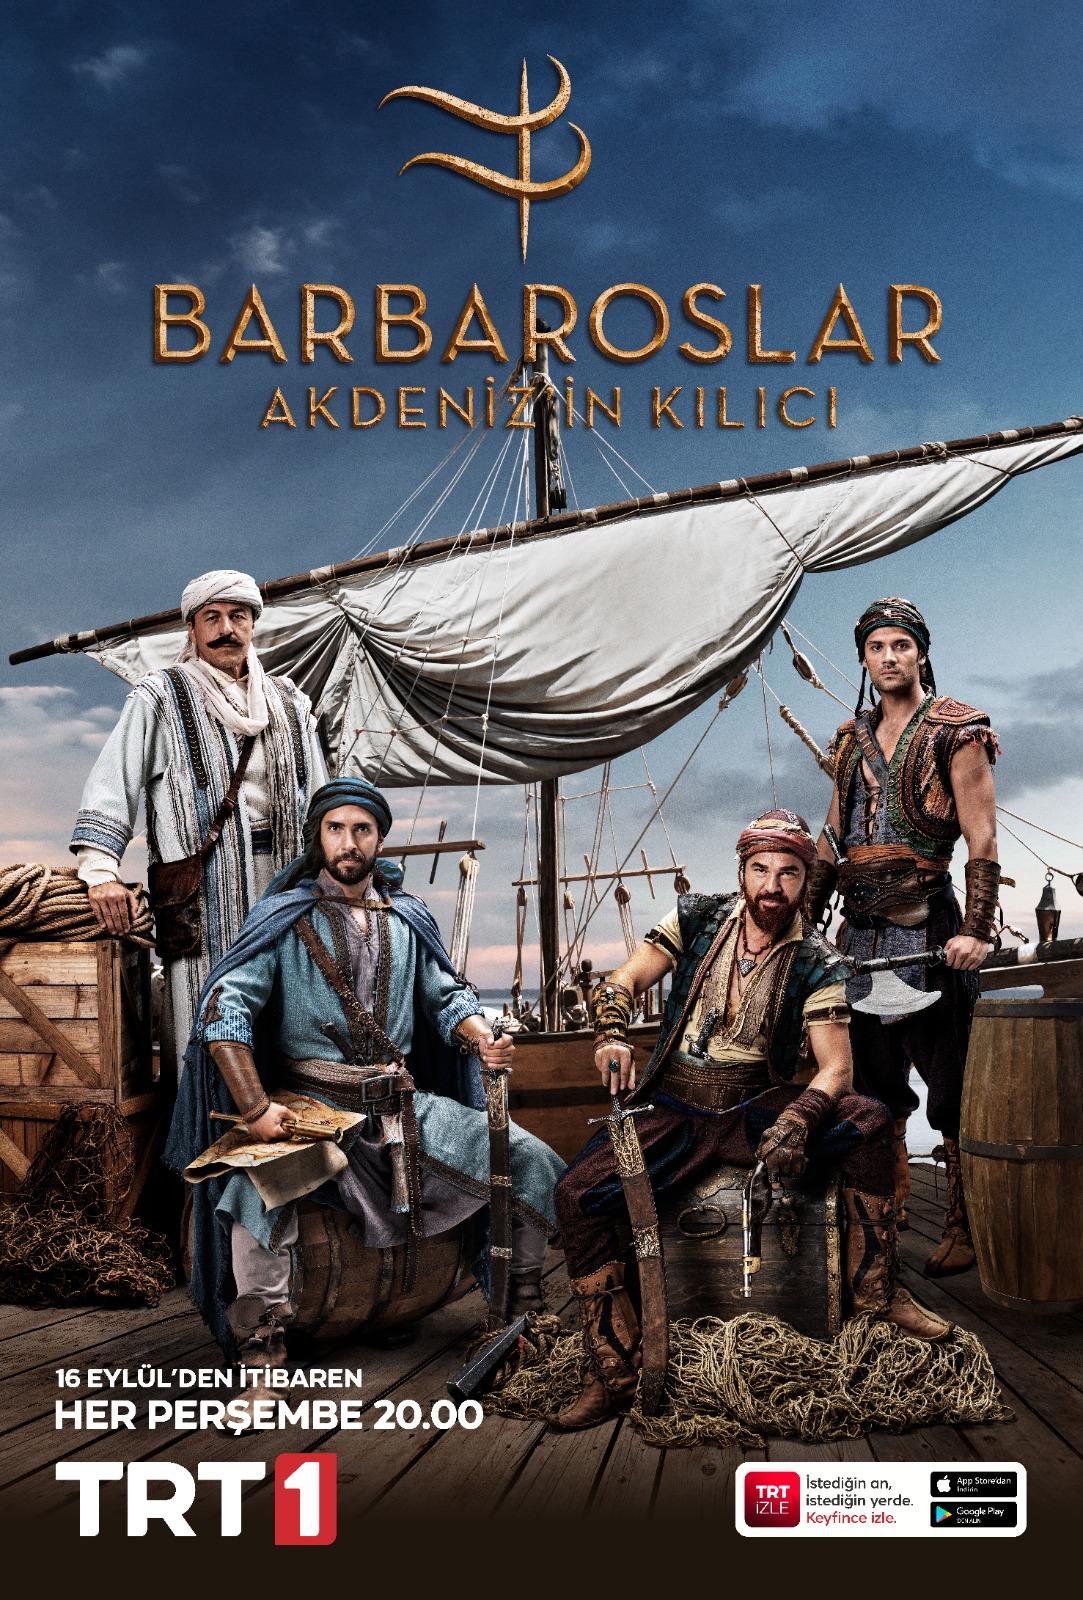 Barbaroslar-Akdeniz'in Kılıcı